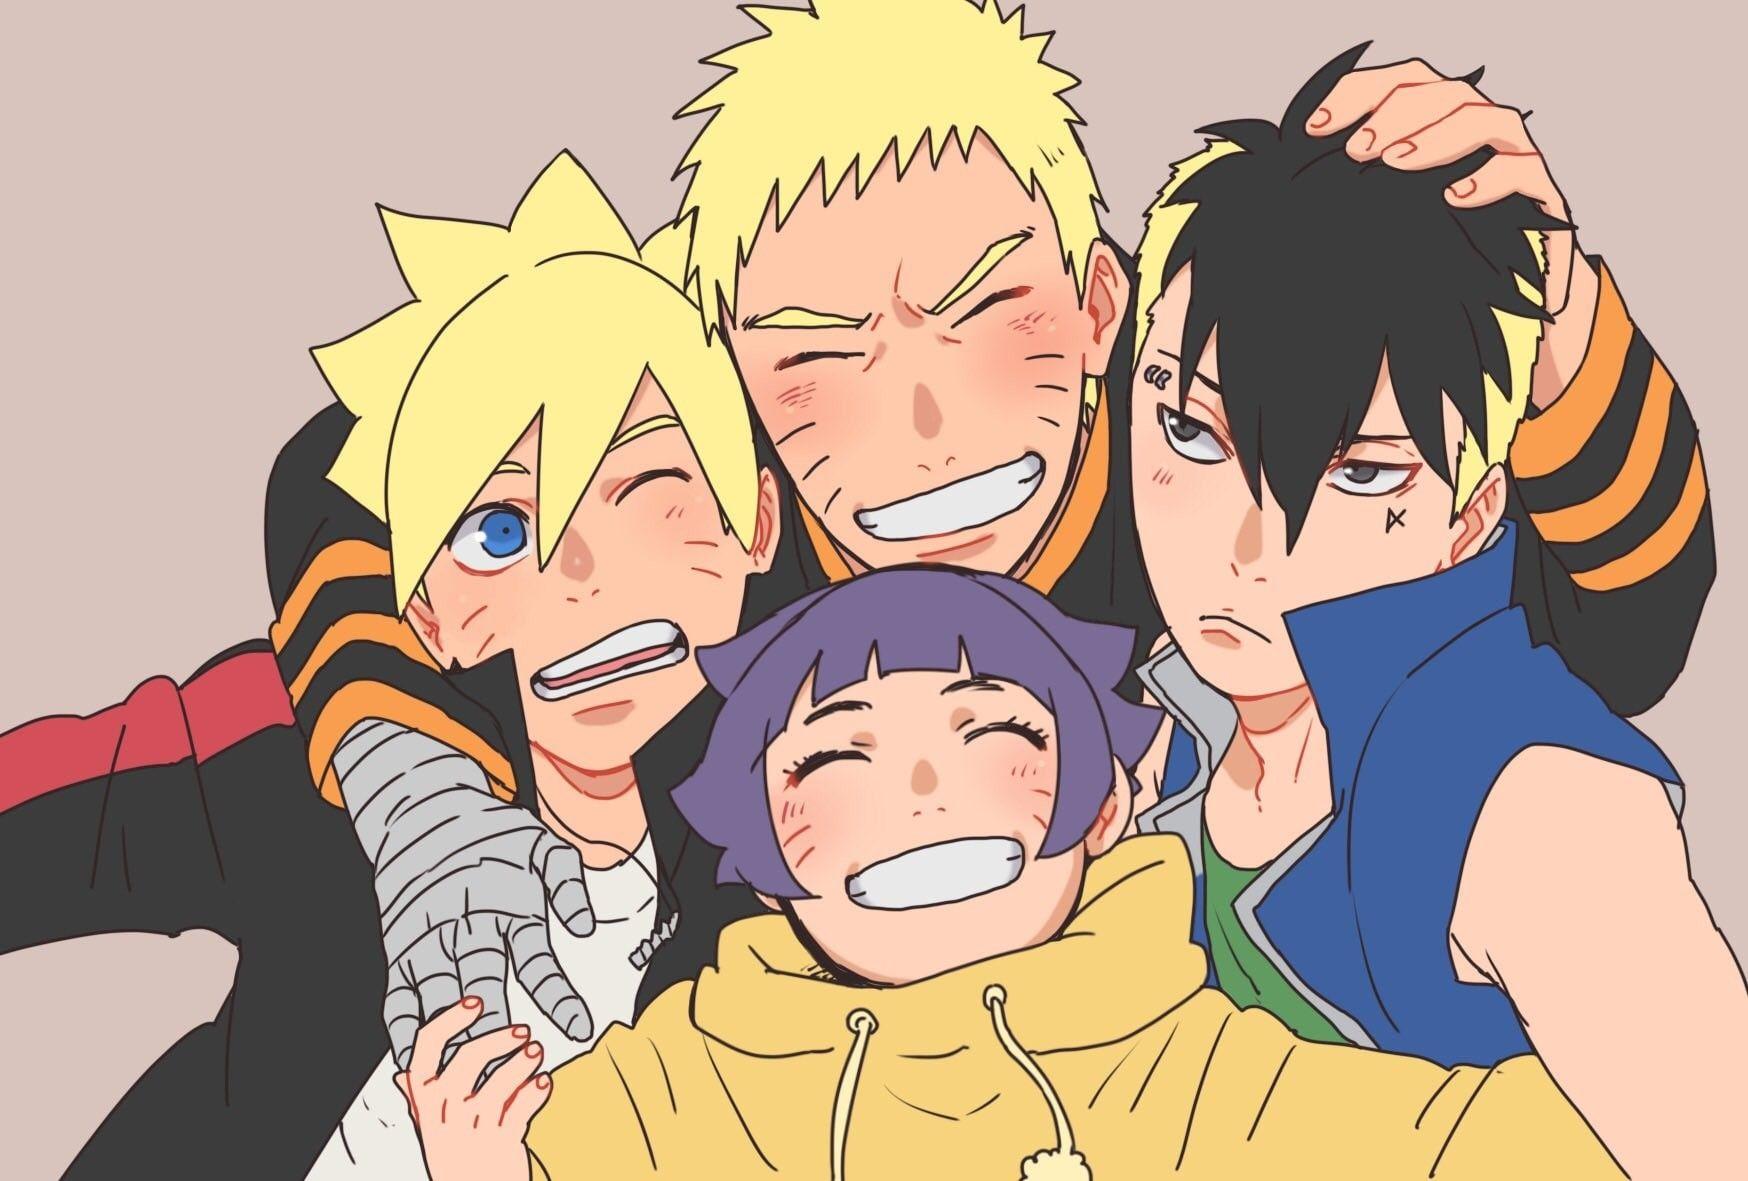 Naruto Himawari Boruto Kawaki Naruto Himawari Naruto Shippuden Anime Naruto Shippuden Sasuke